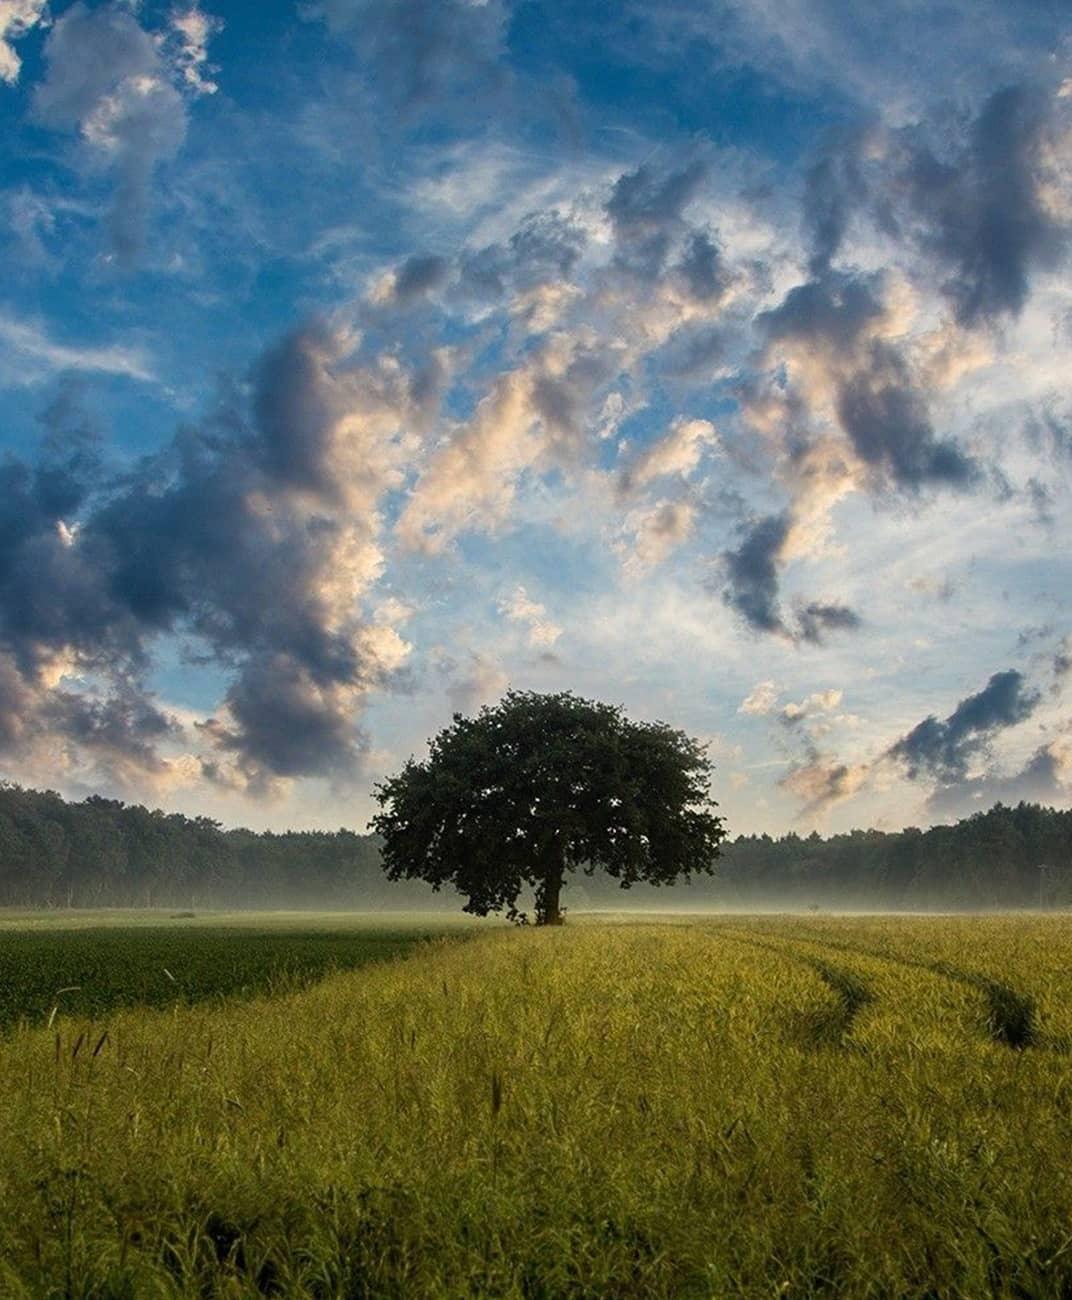 Wisdom Wealth Strategies tree in field